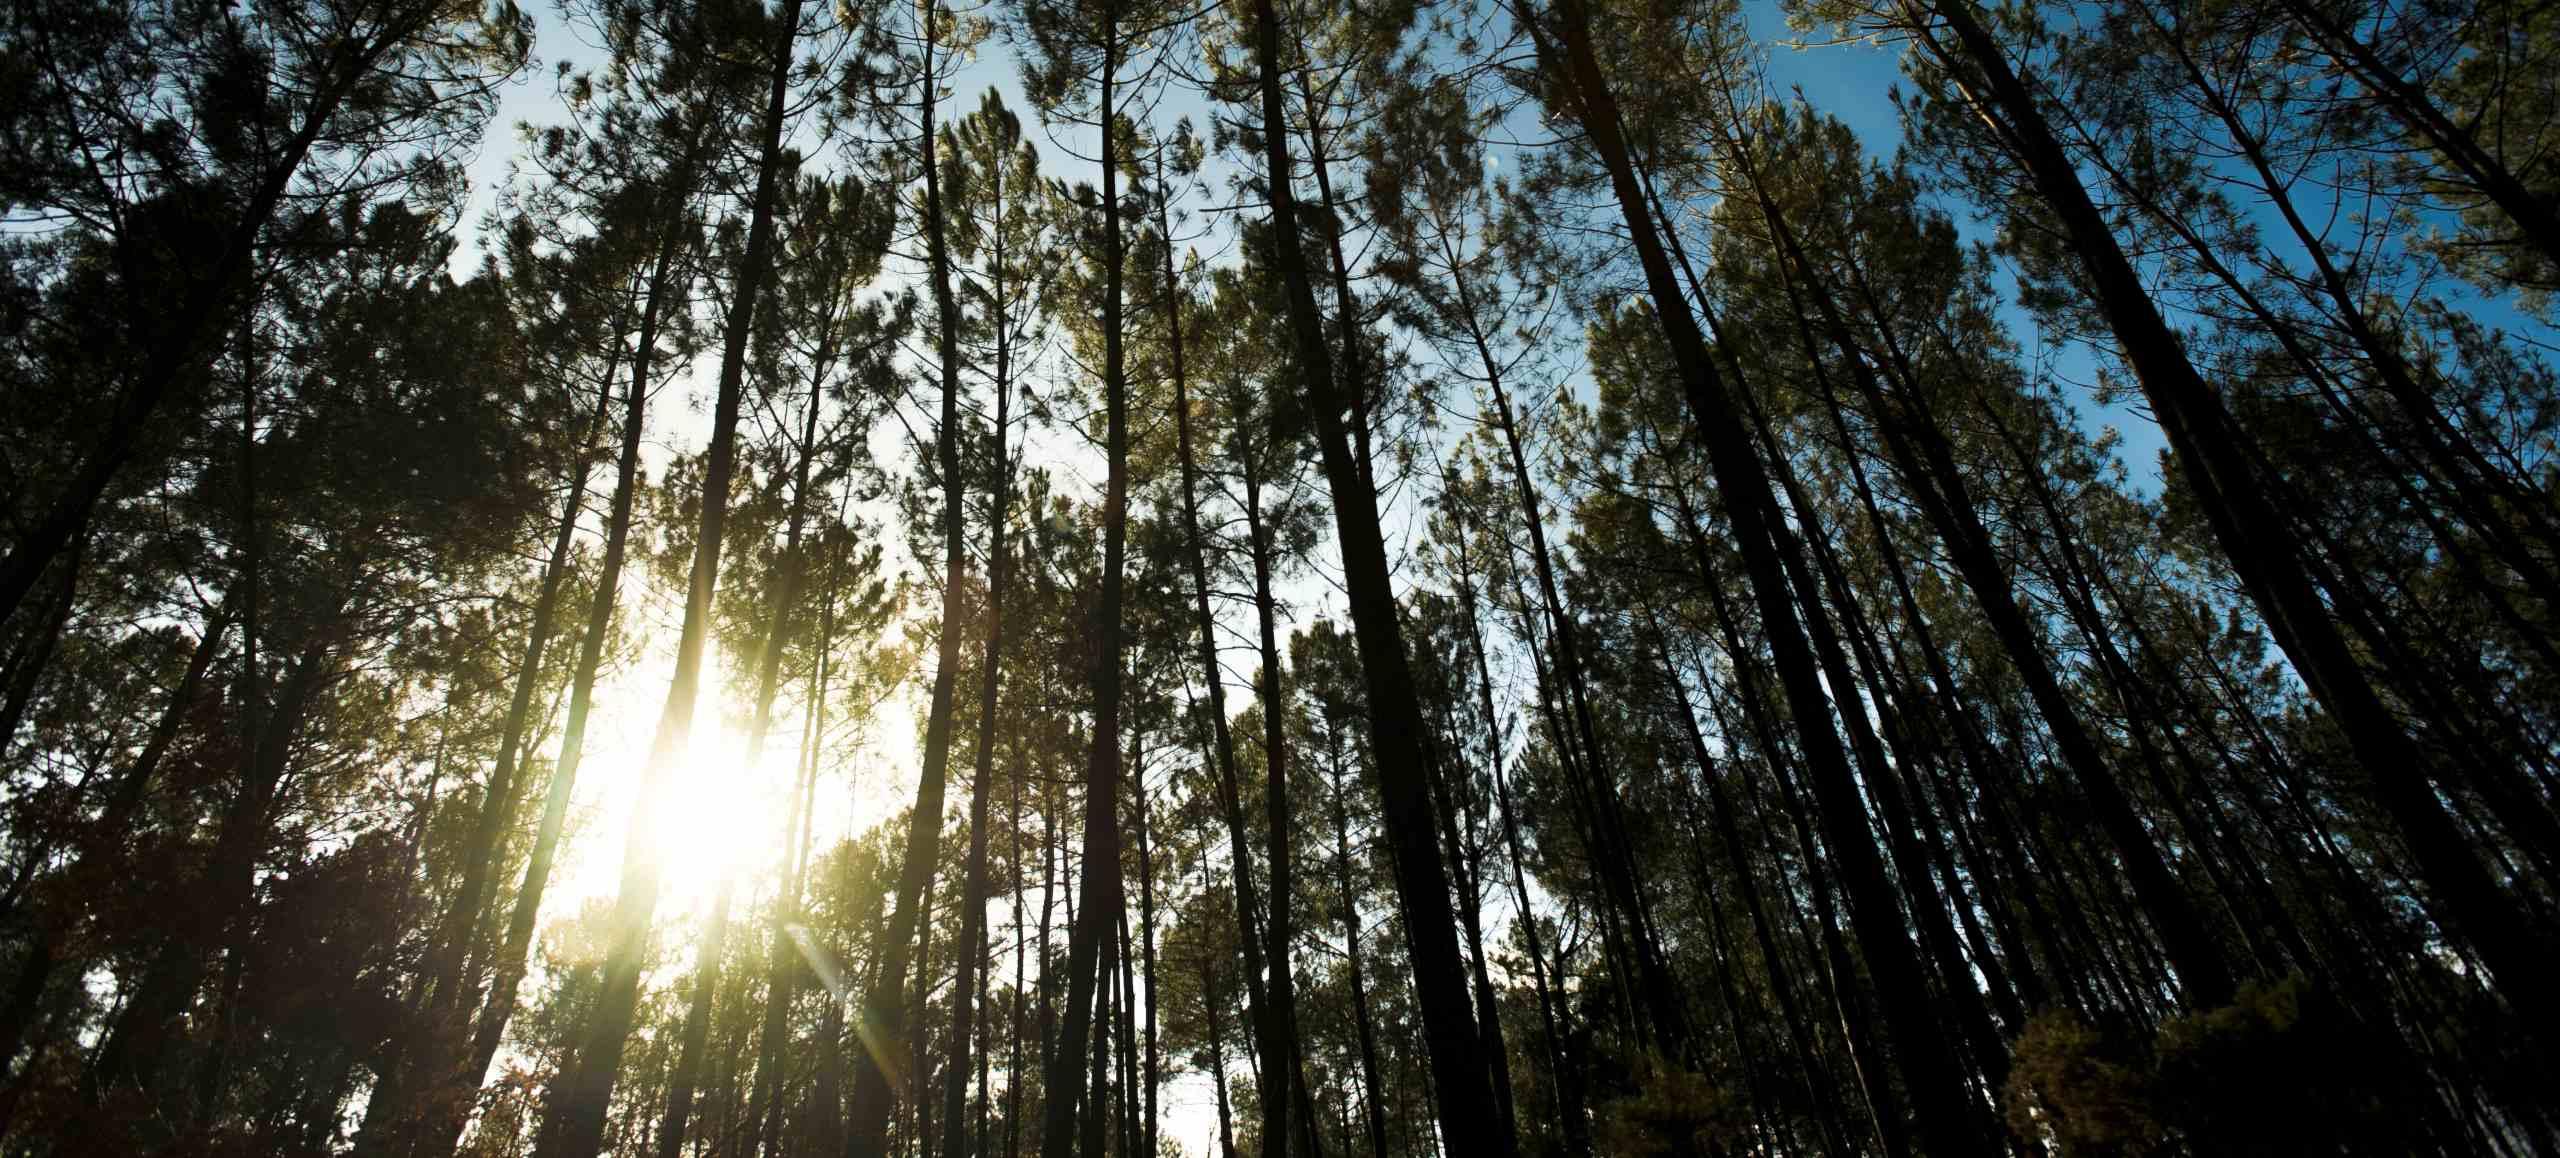 Les incontournables de votre séminaire Eco-responsable